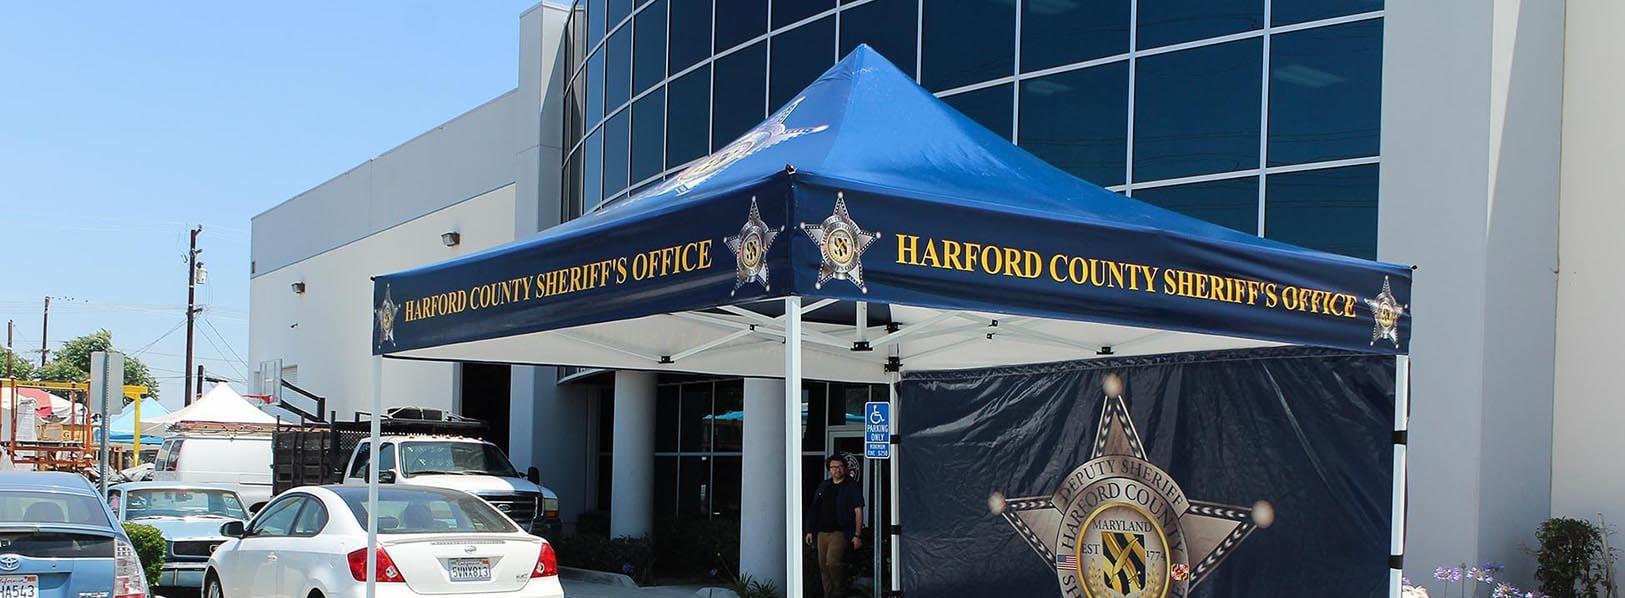 harford-county-header.jpg